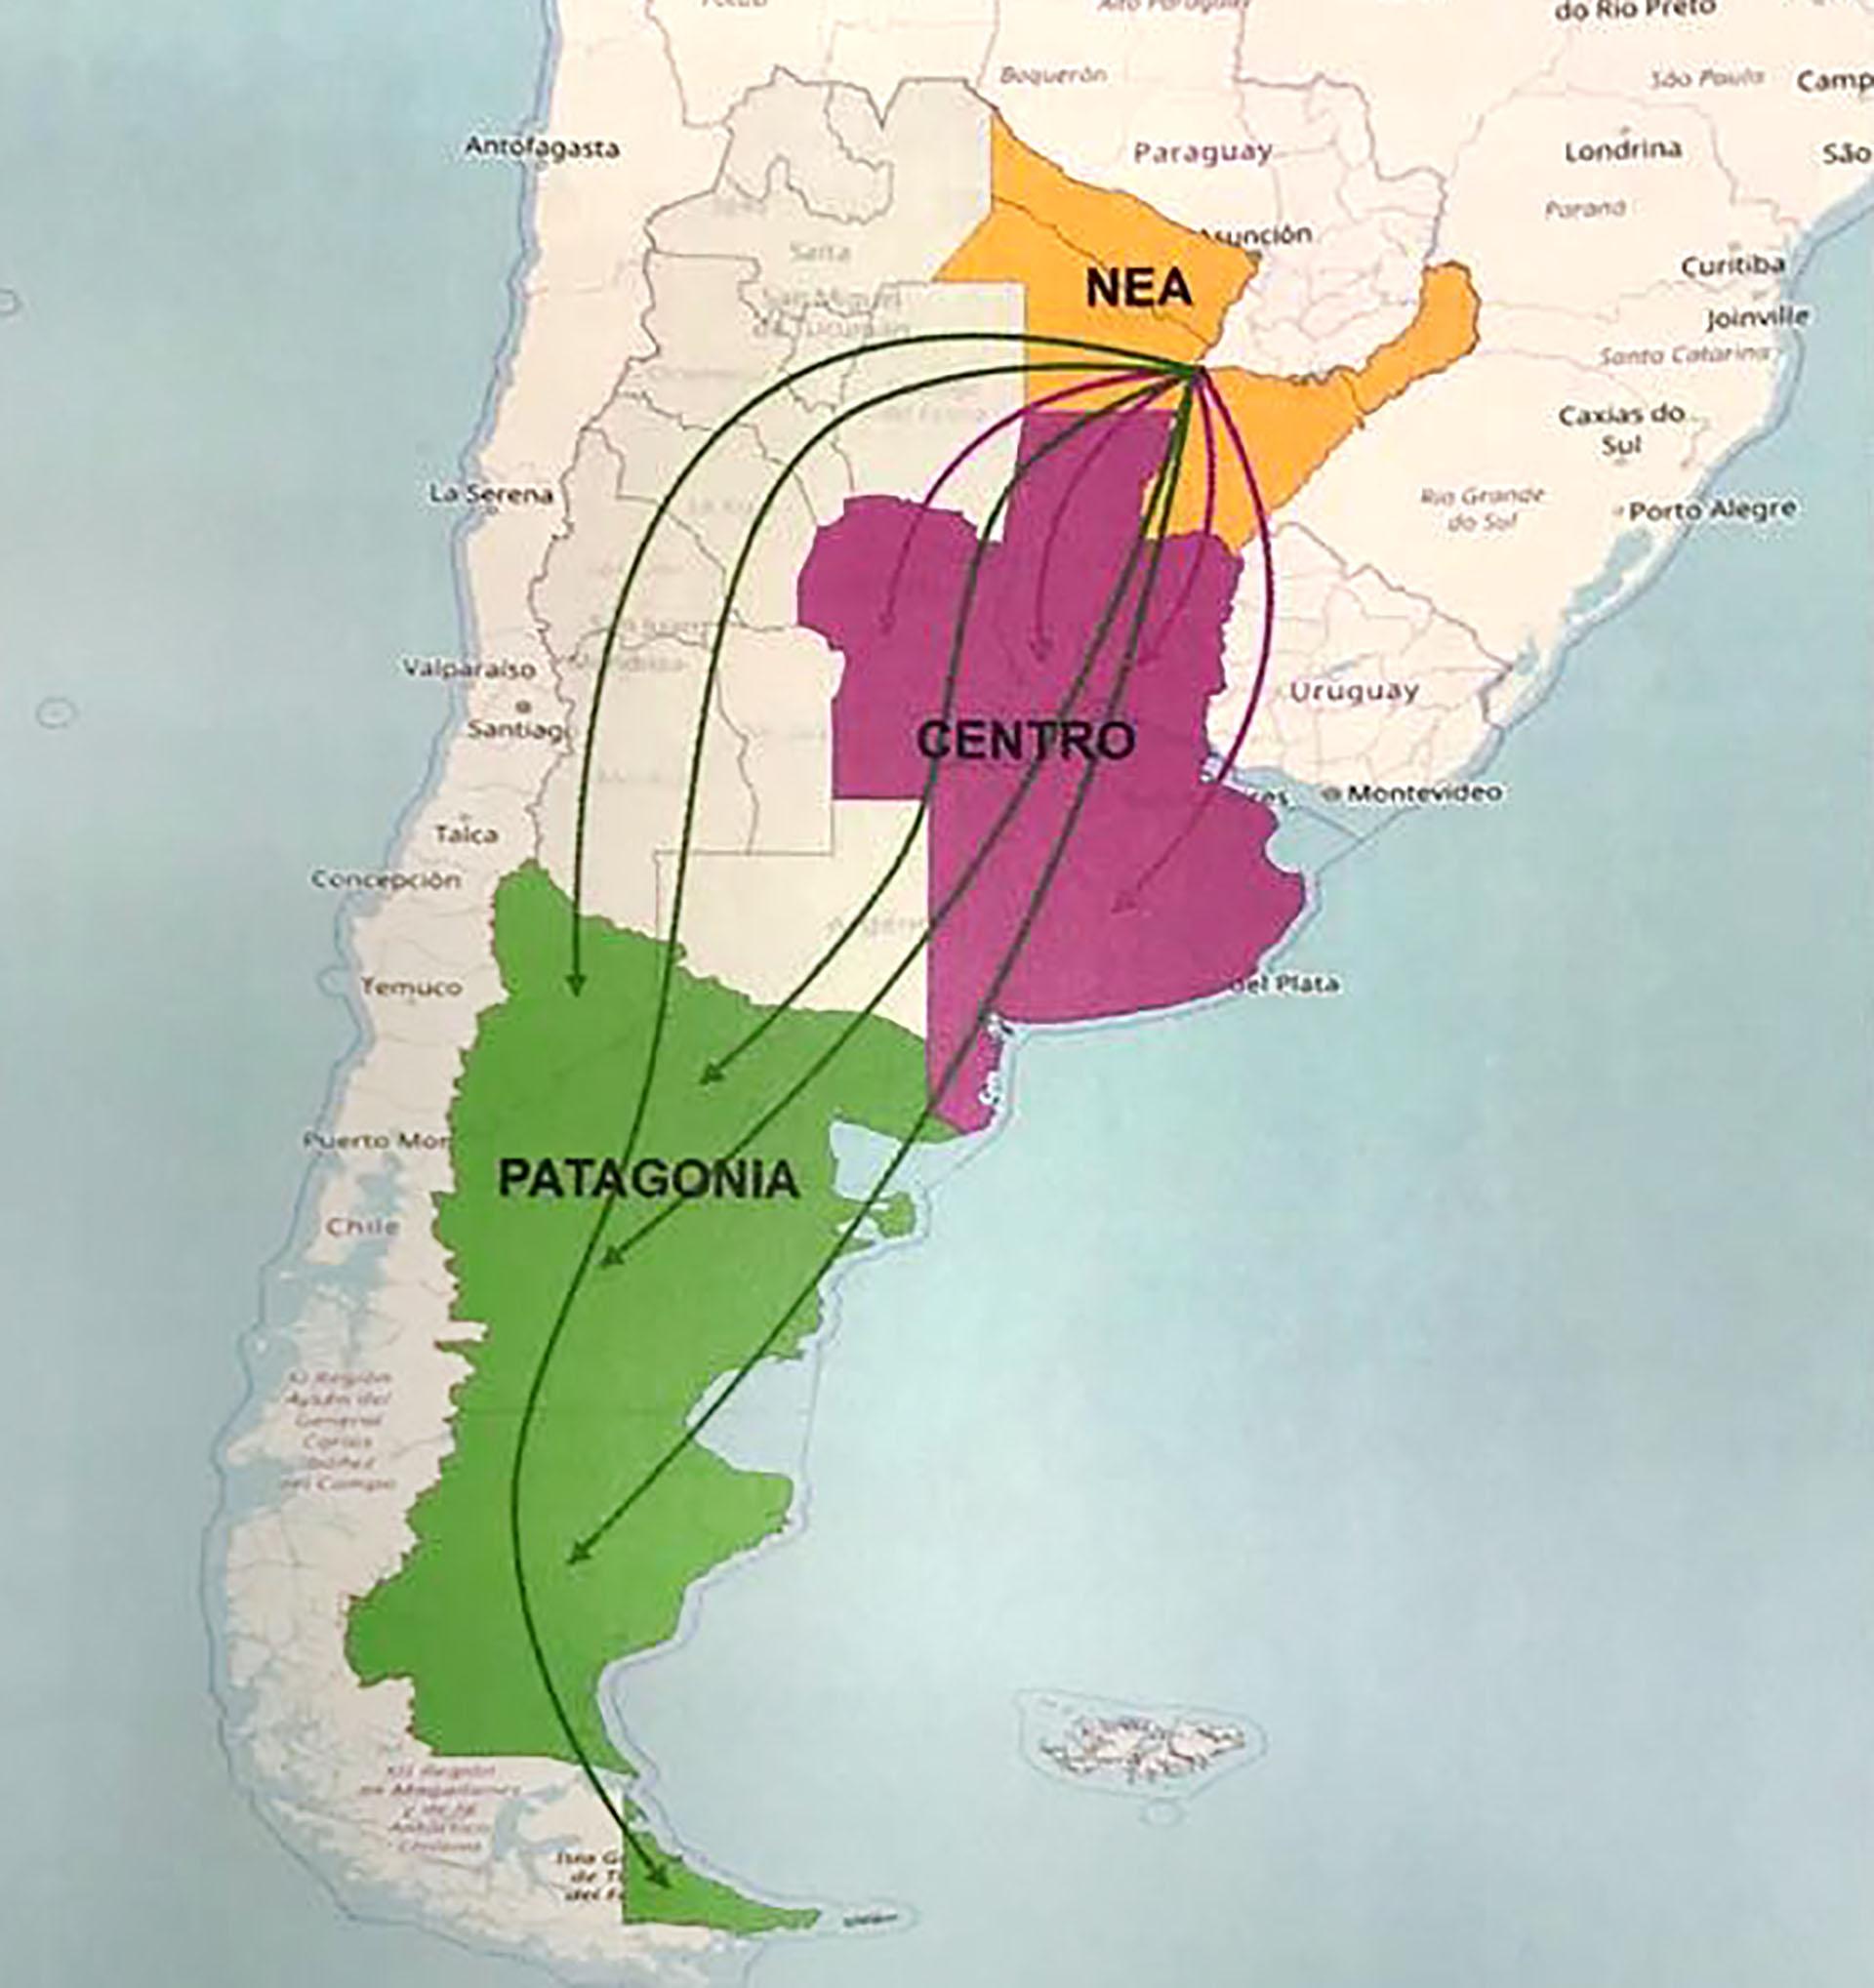 アルゼンチンの人身売買のルートは何ですか、そしてそれらと戦うために何が行われていますか?